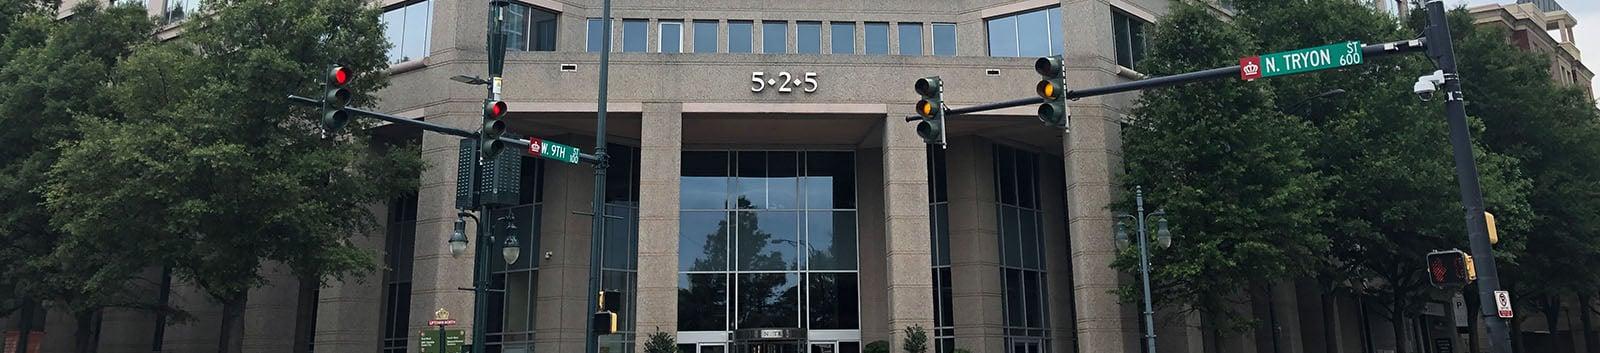 CCG Corp HQ 525 N Tryon Street CLT